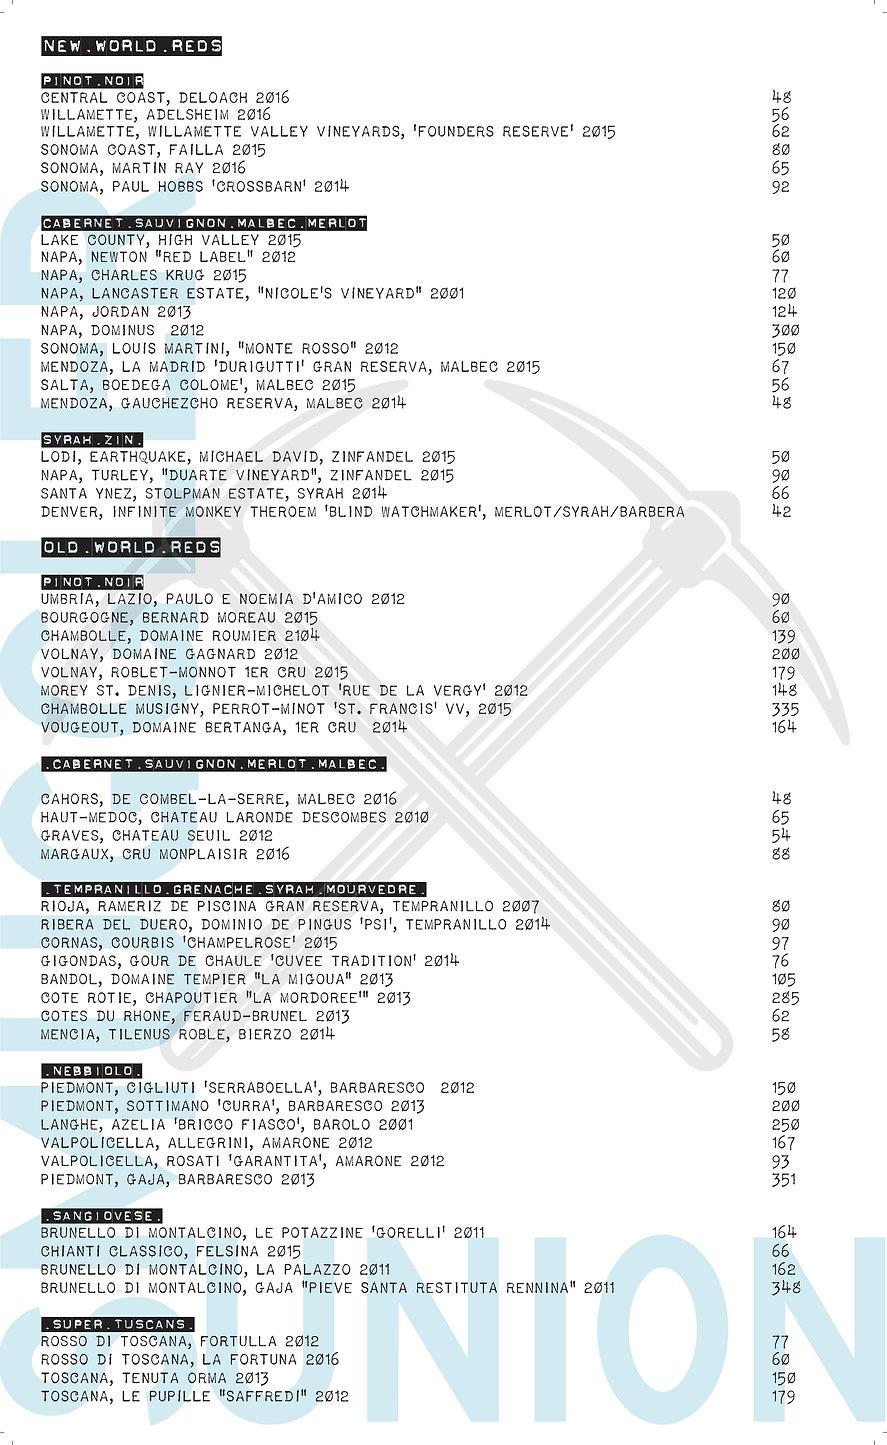 Wine_LIST_BACK_6.5.18.jpg